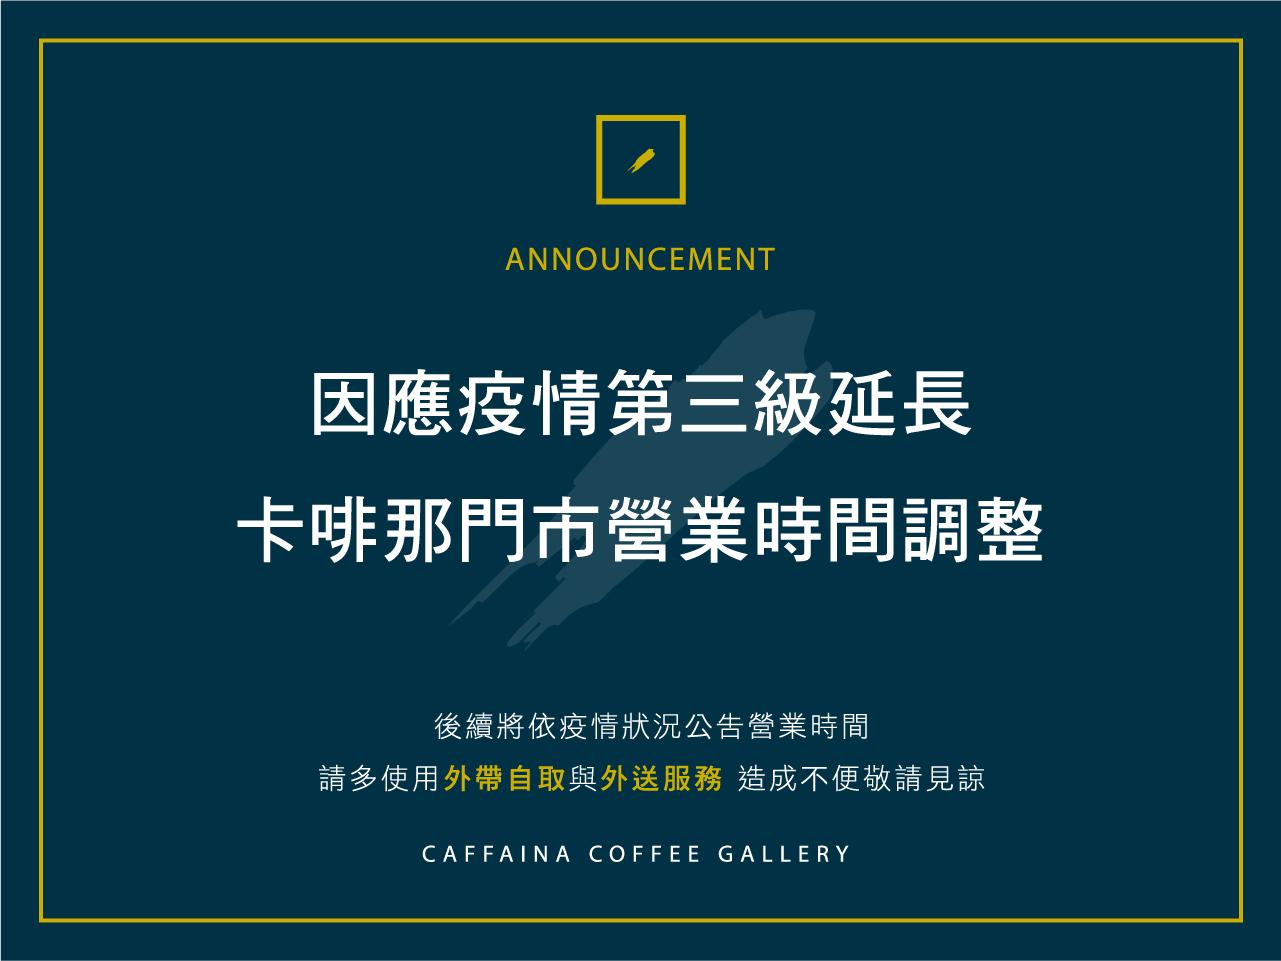  卡啡那 全台門市 營業時間調整公告⚠️ 